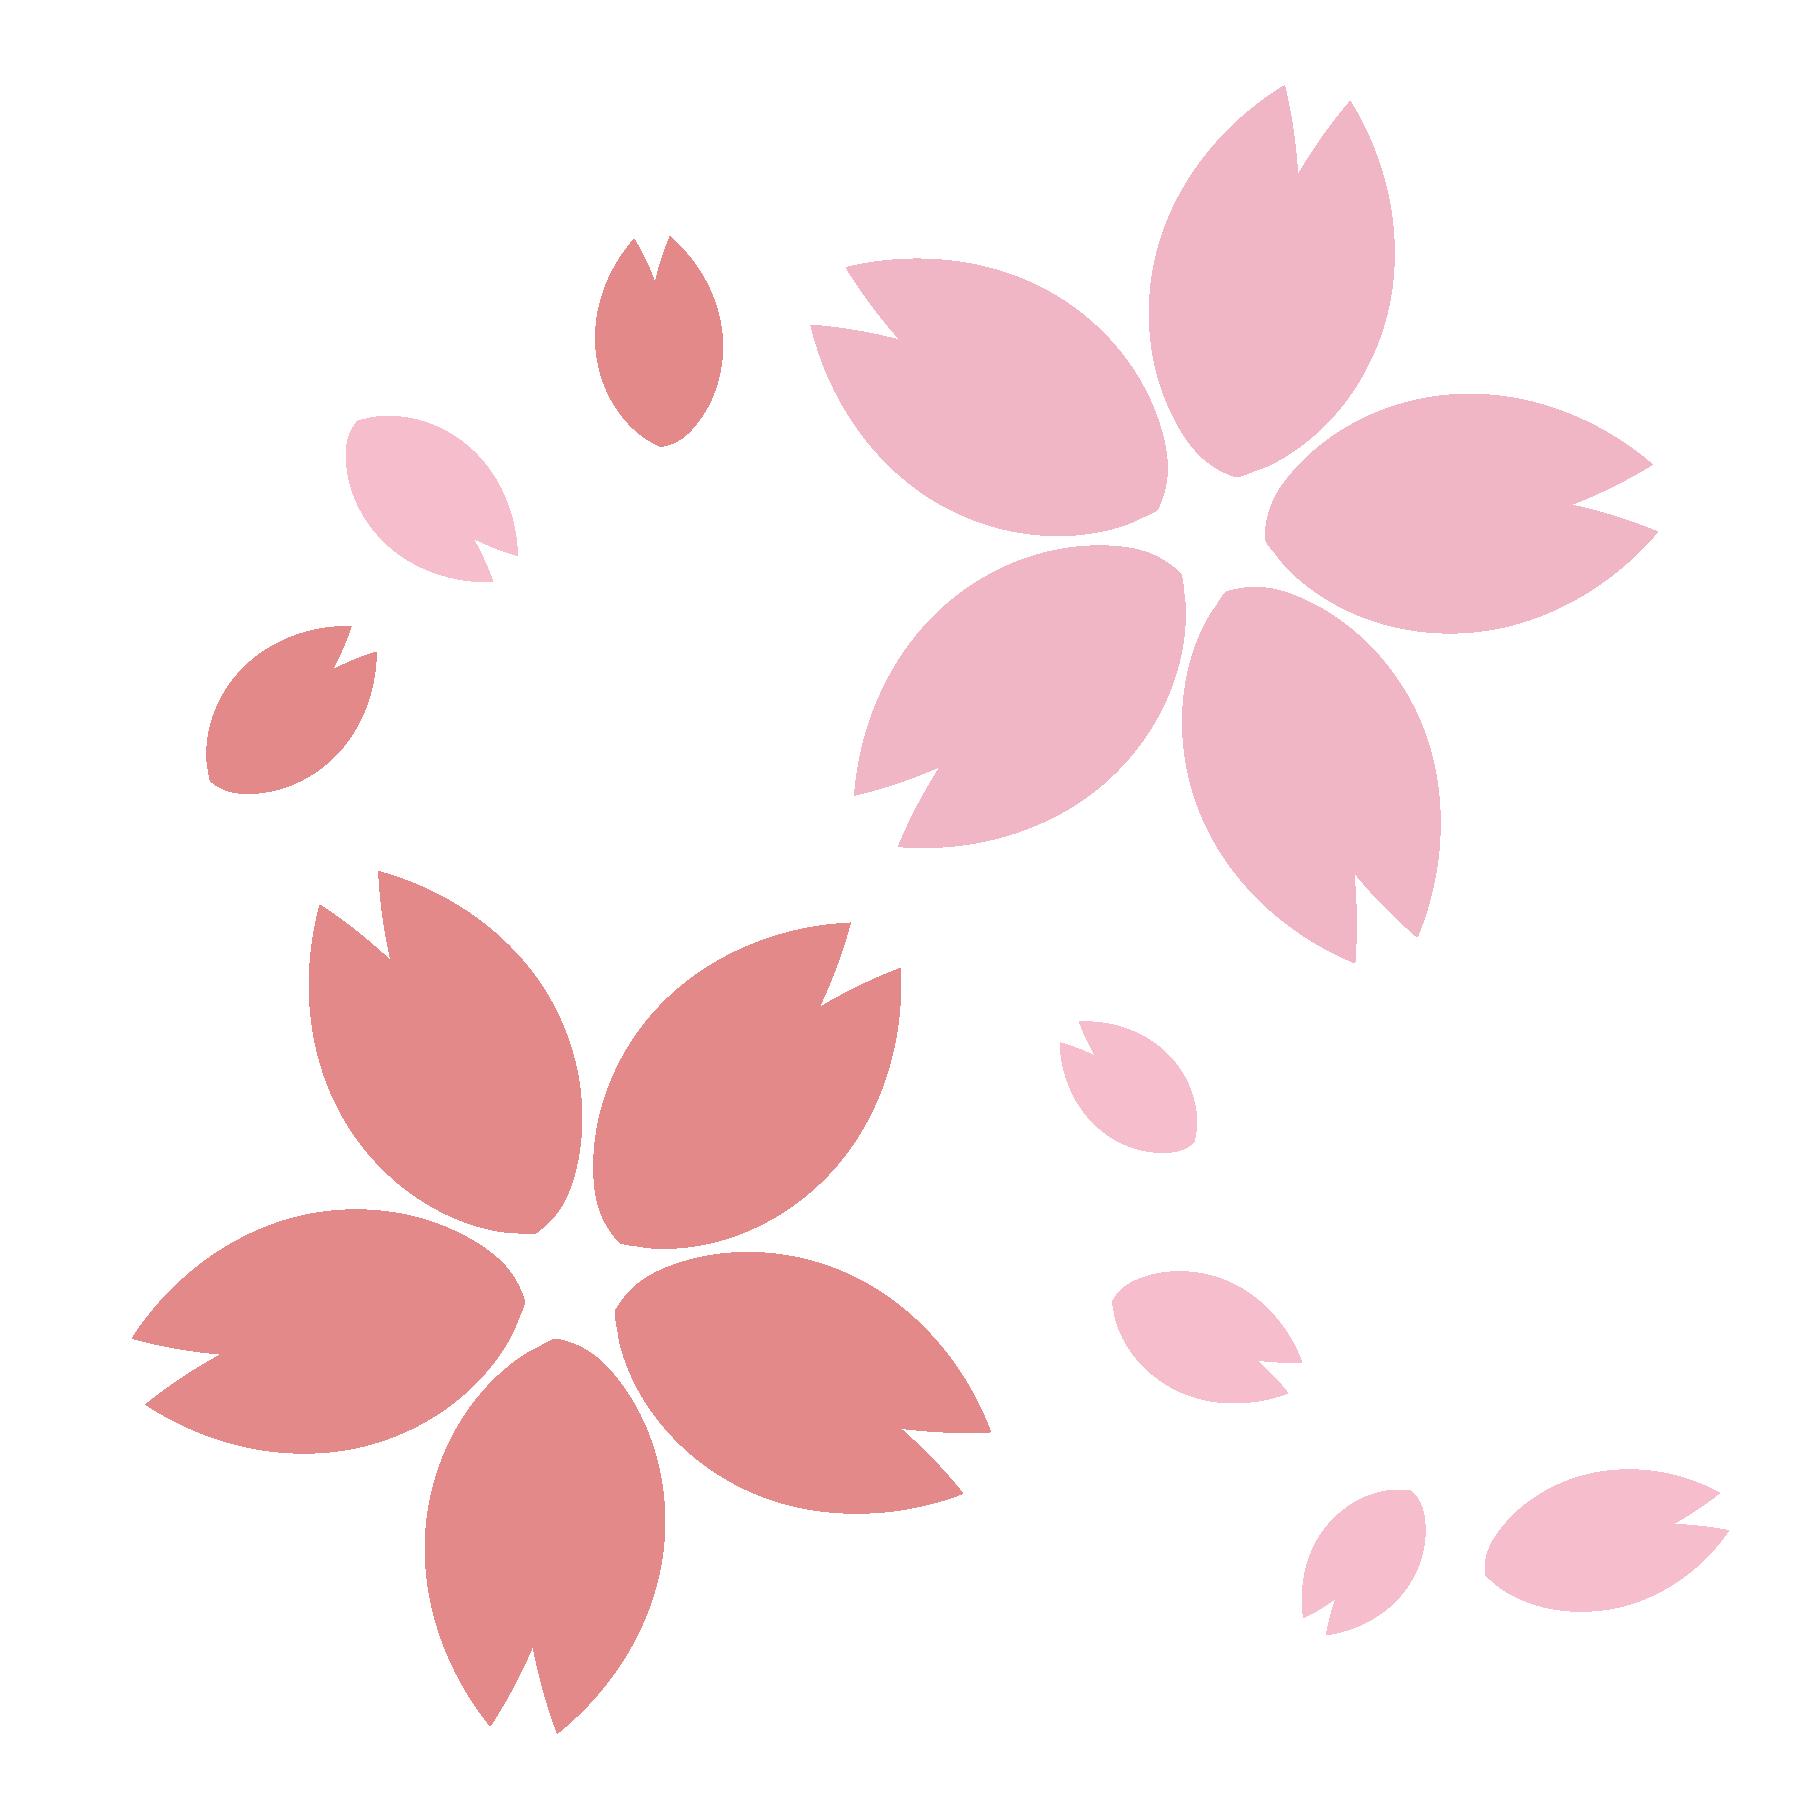 桜さくらサクラのイラスト春 商用フリー無料のイラスト